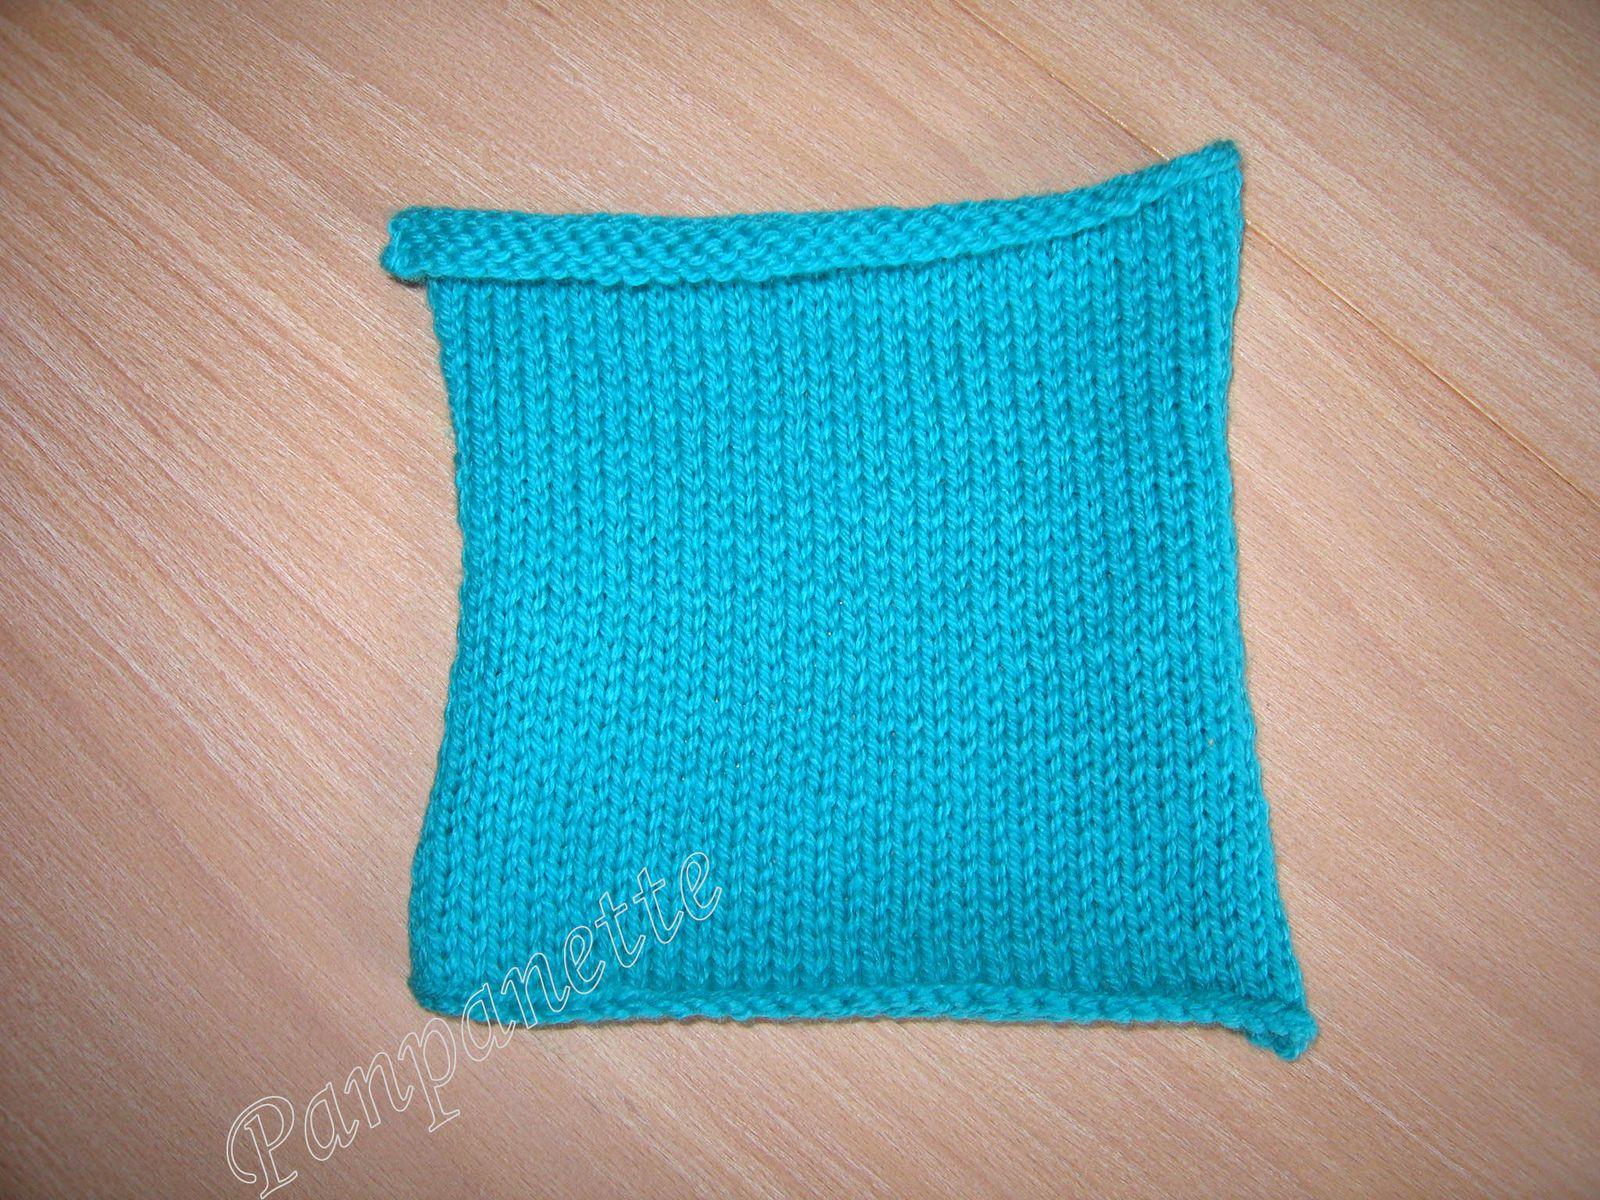 Des carrés en crochet et tricot